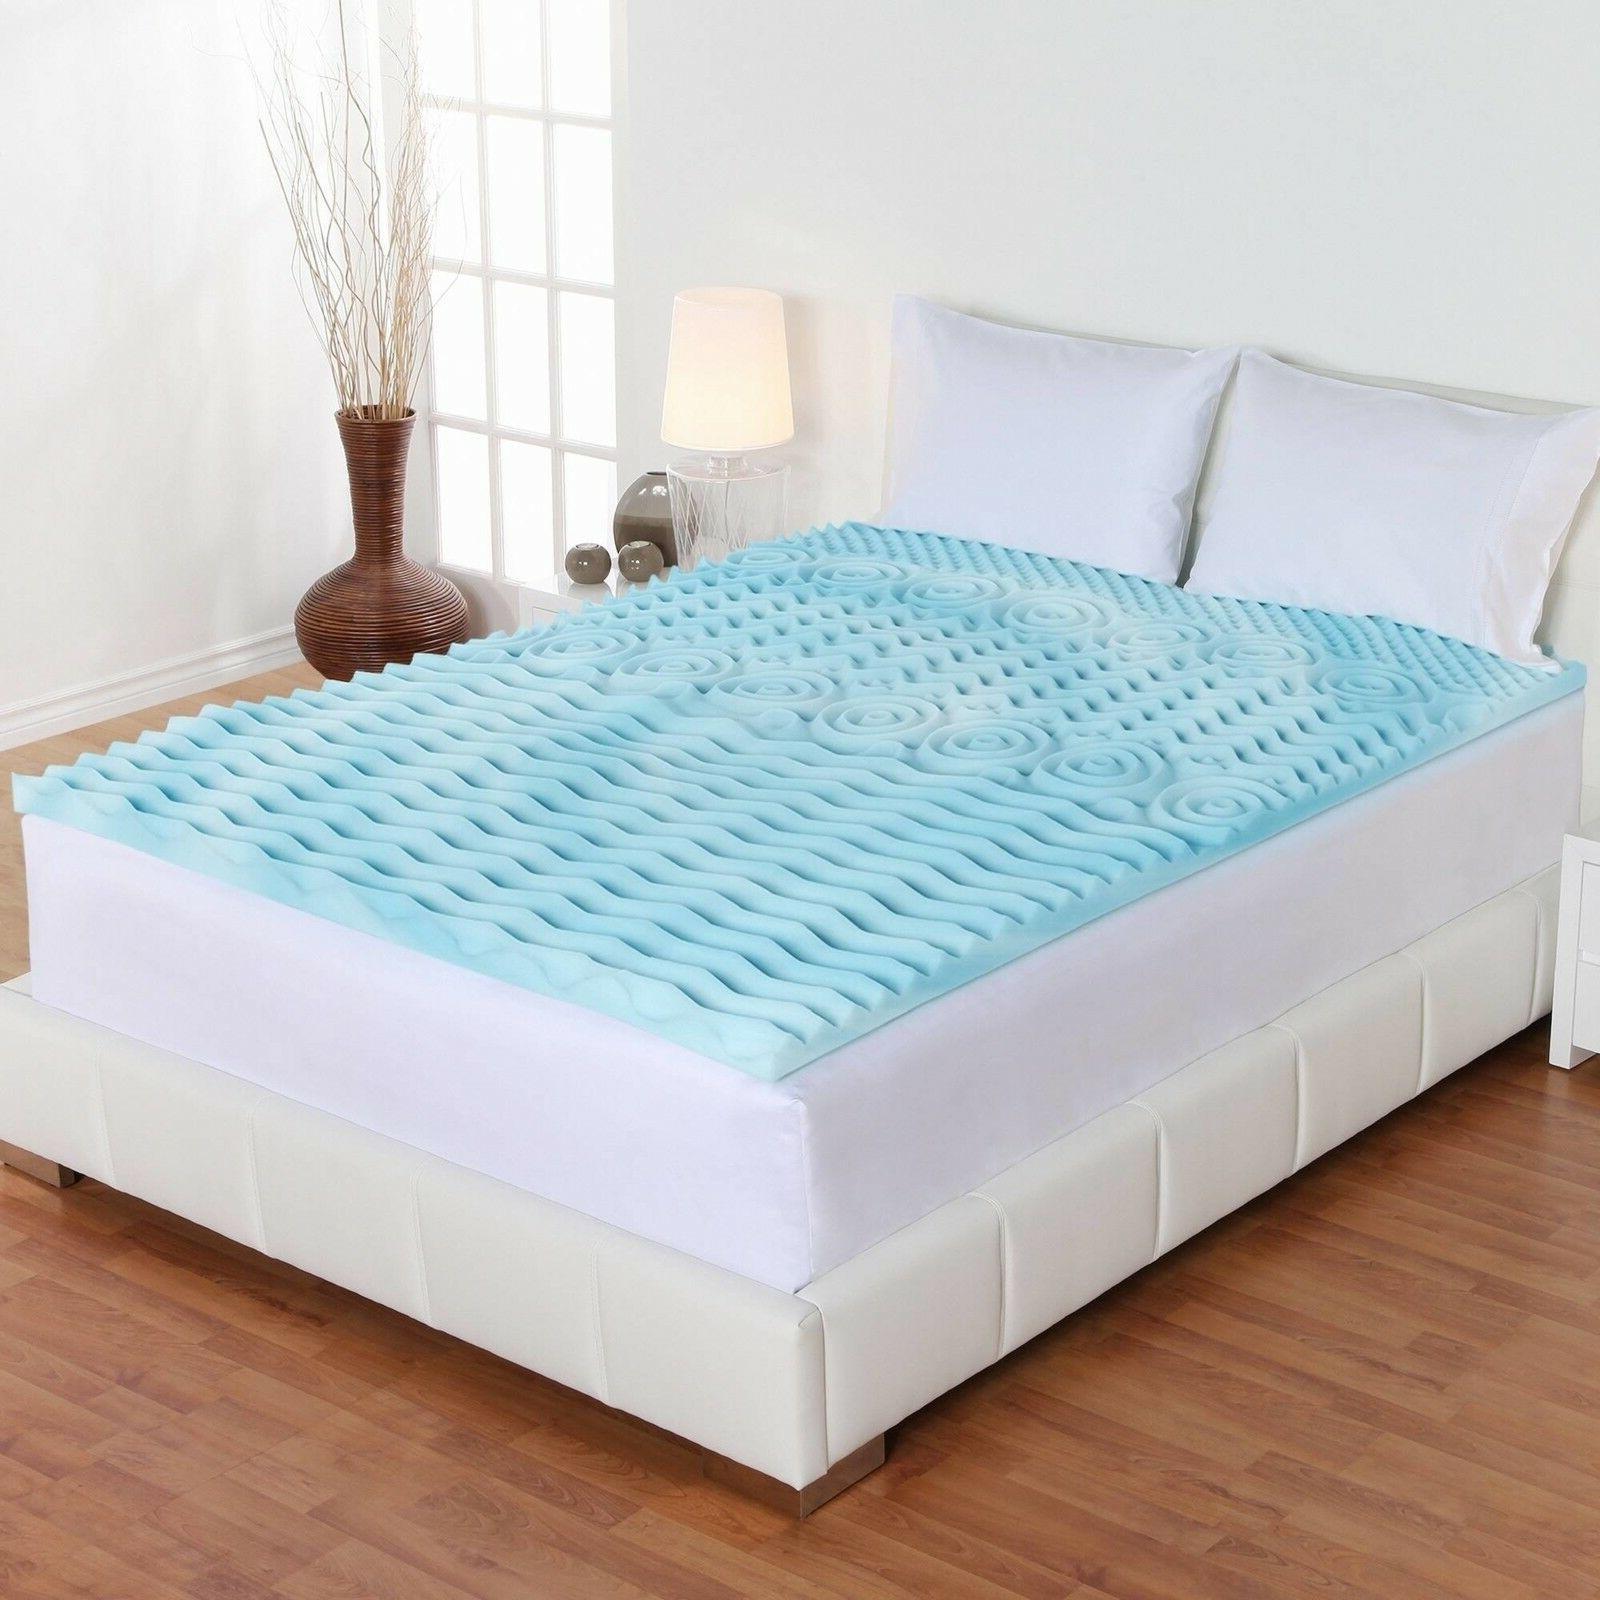 Twin Size 3 Inch Cool Gel Memory Foam Mattress Topper 5 Zone